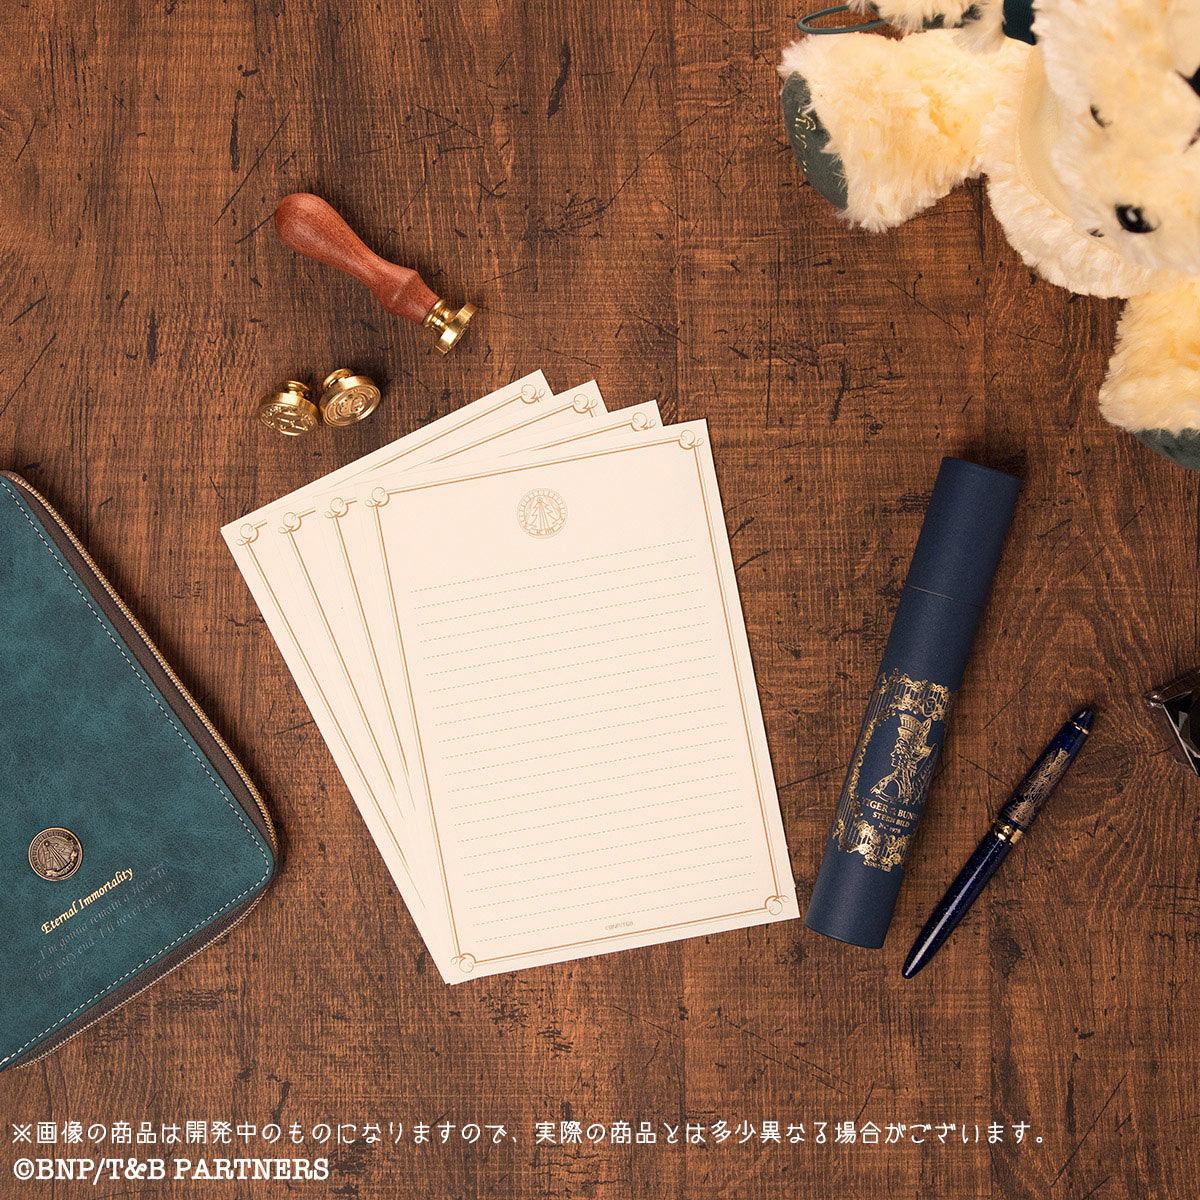 【限定販売】タイバニ『グリーティングレター with TIGER & BUNNY』TIGER & BUNNY ぬいぐるみ-002